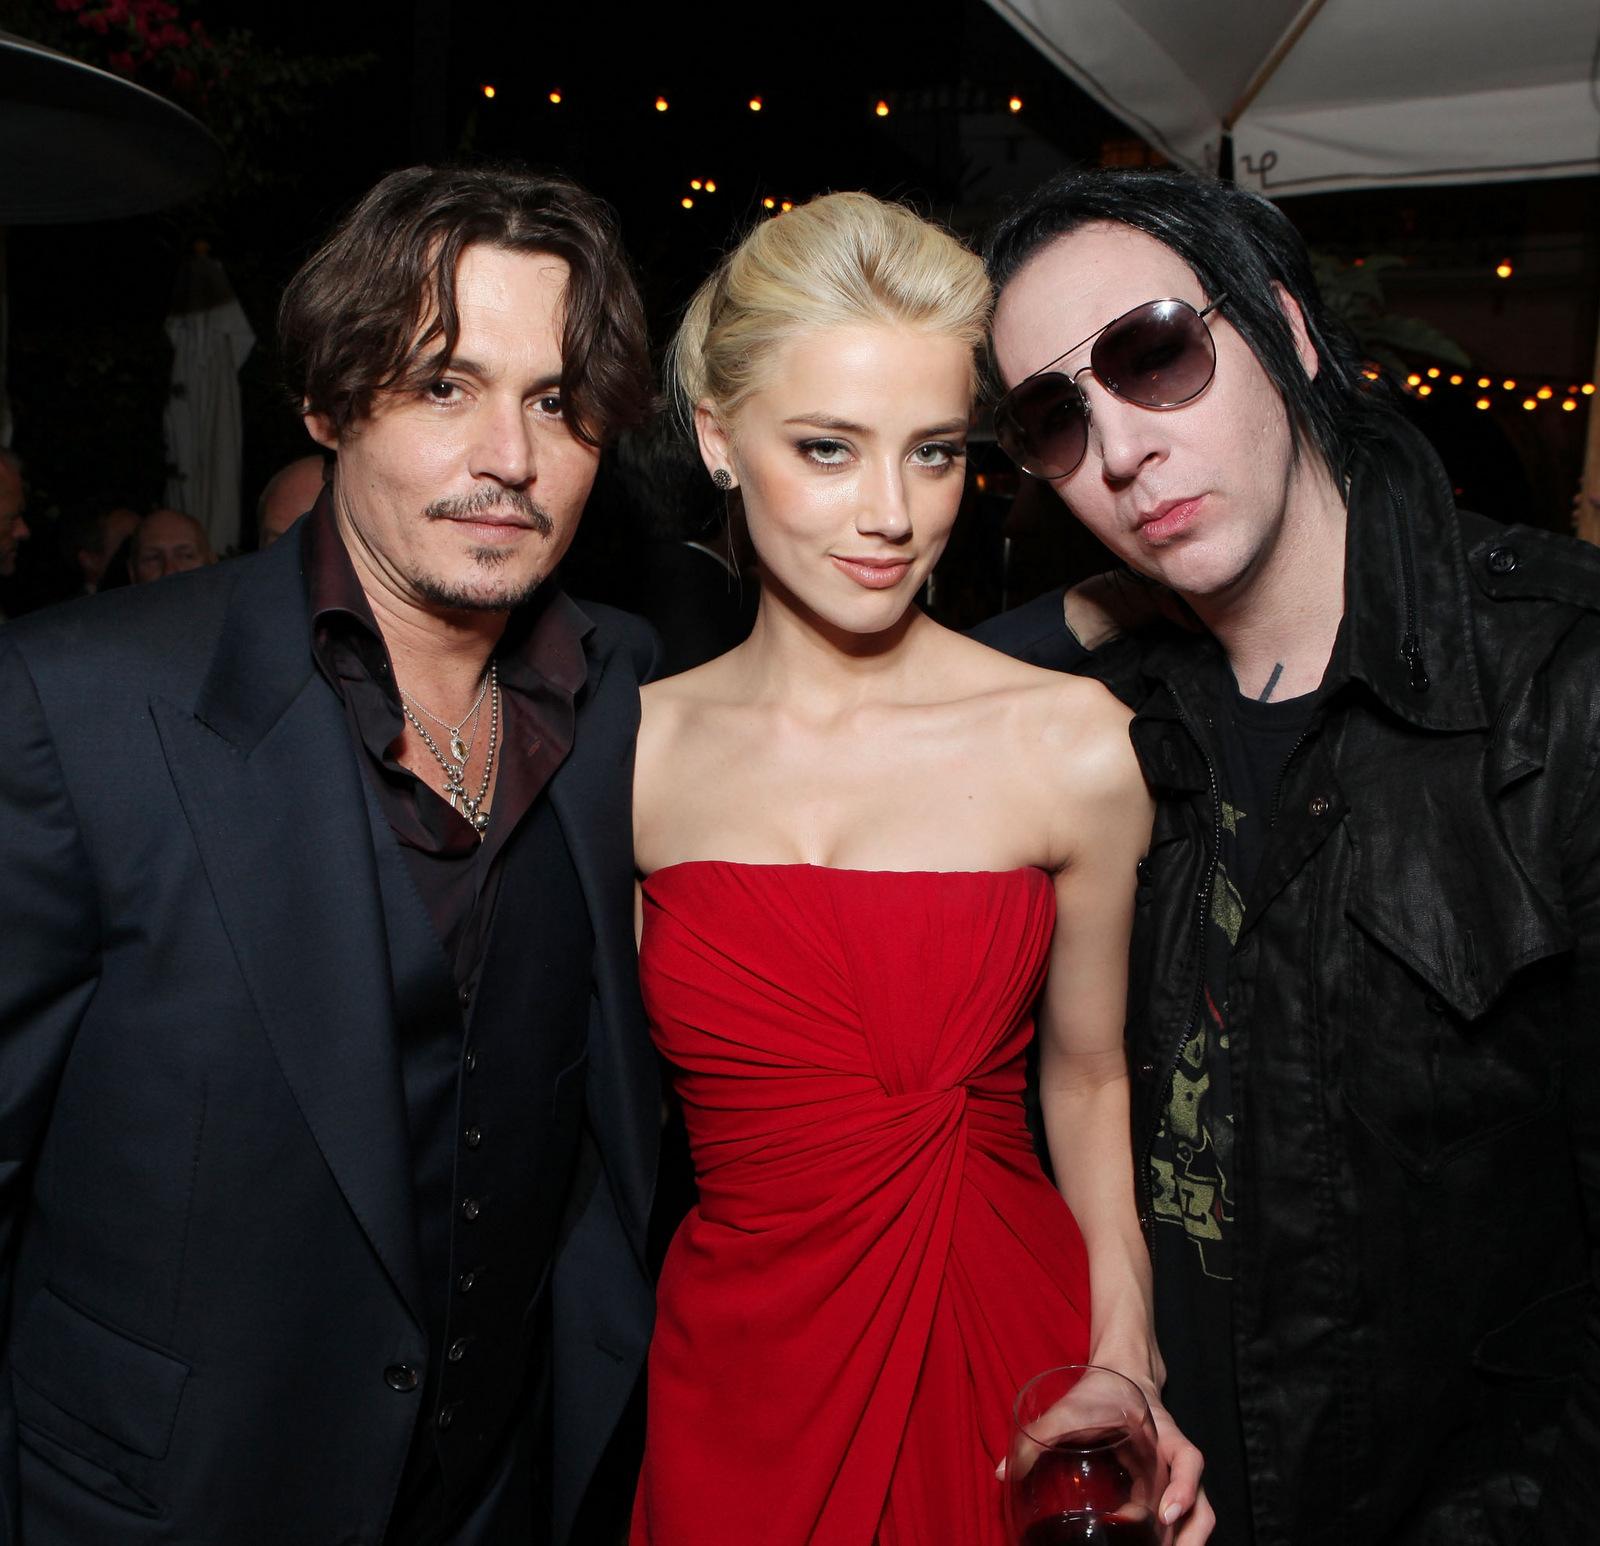 Johnny Depp Vanessa Paradis split gossip Wonderwall Amber Heard